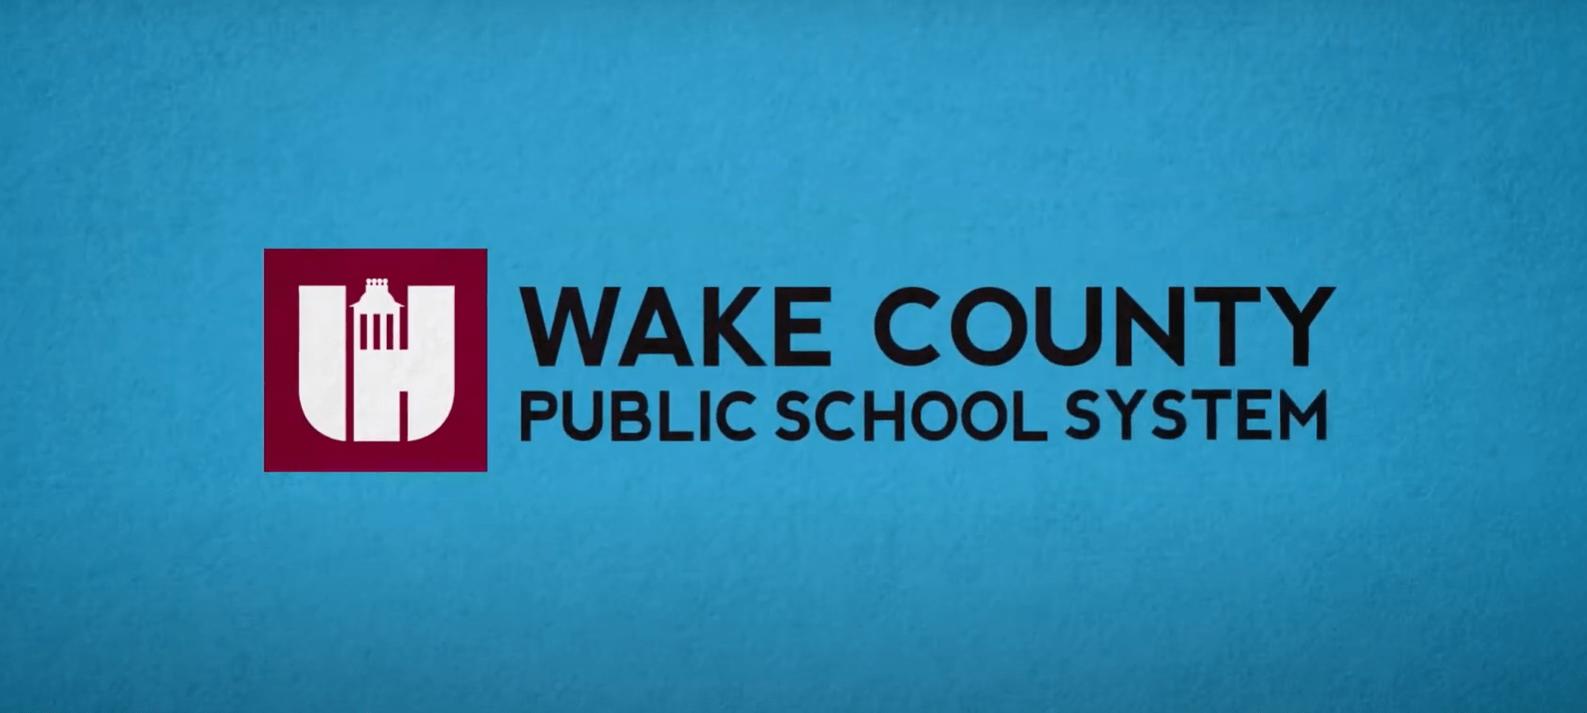 Wake County Schools Kinetic Typography